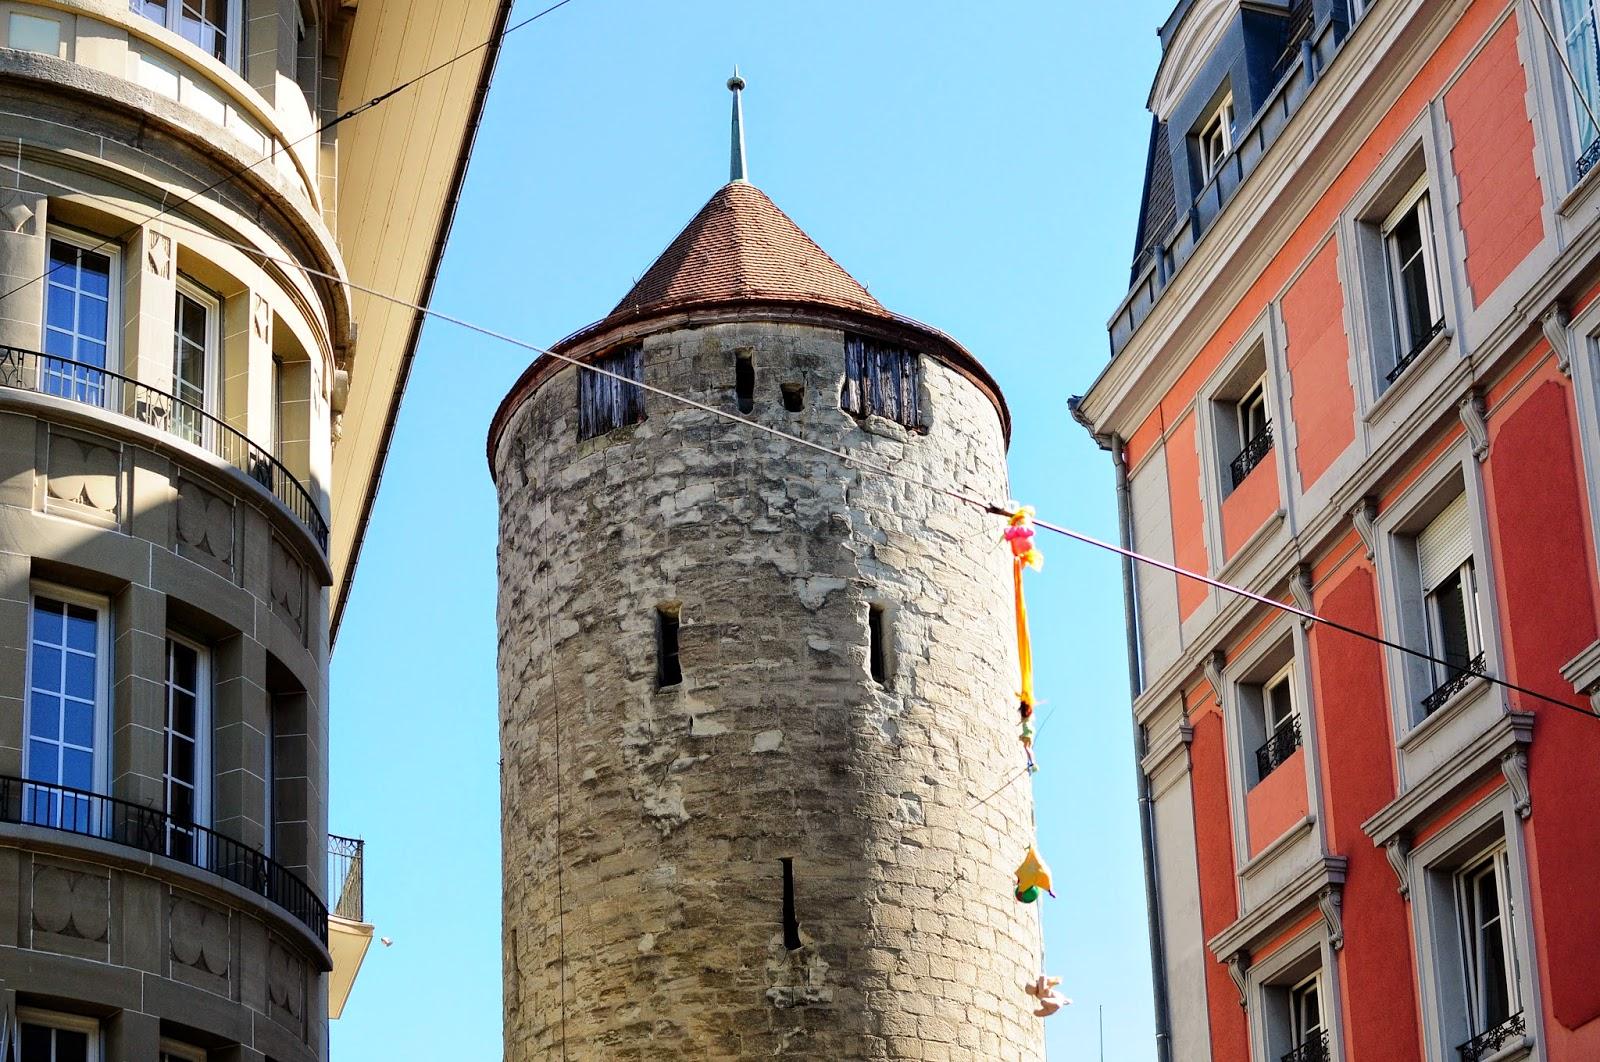 La tour Lausanne tourism